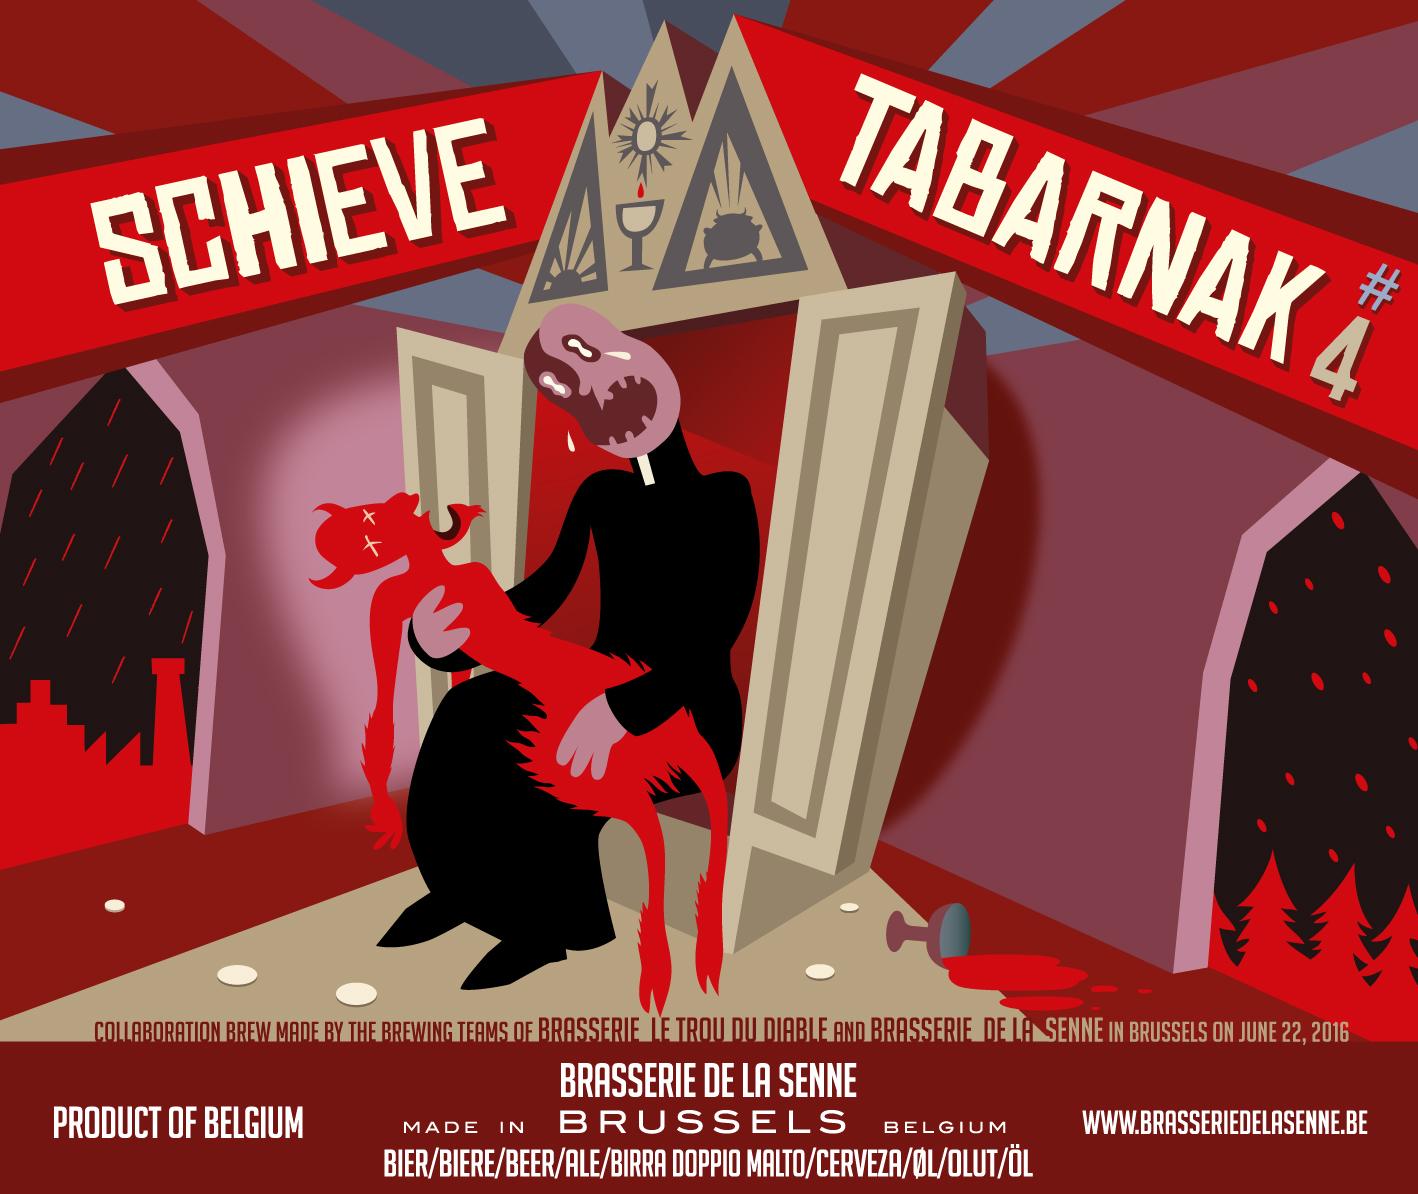 SCHIEVE-TABARNAK_#4_web.jpg